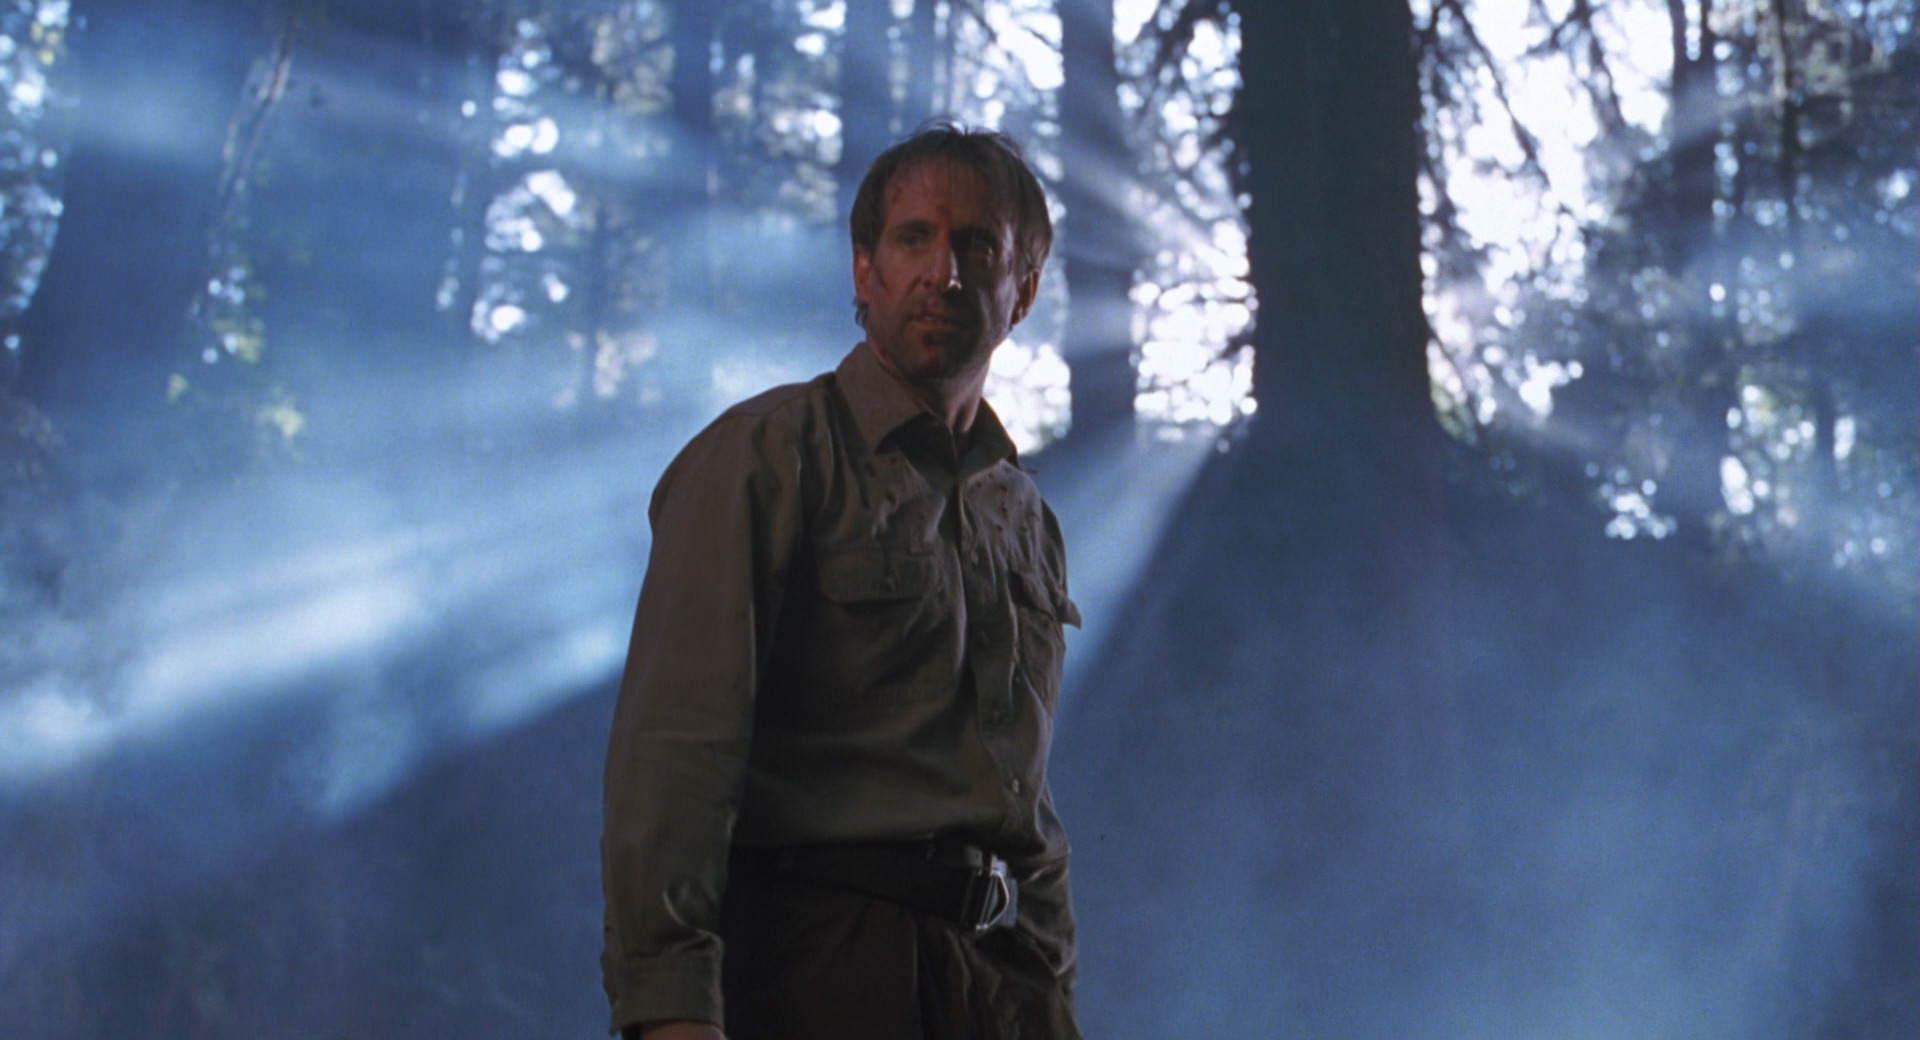 The Lost World Jurassic Park Screencaps are here Jurassic-lost-world-movie-screencaps.com-9044